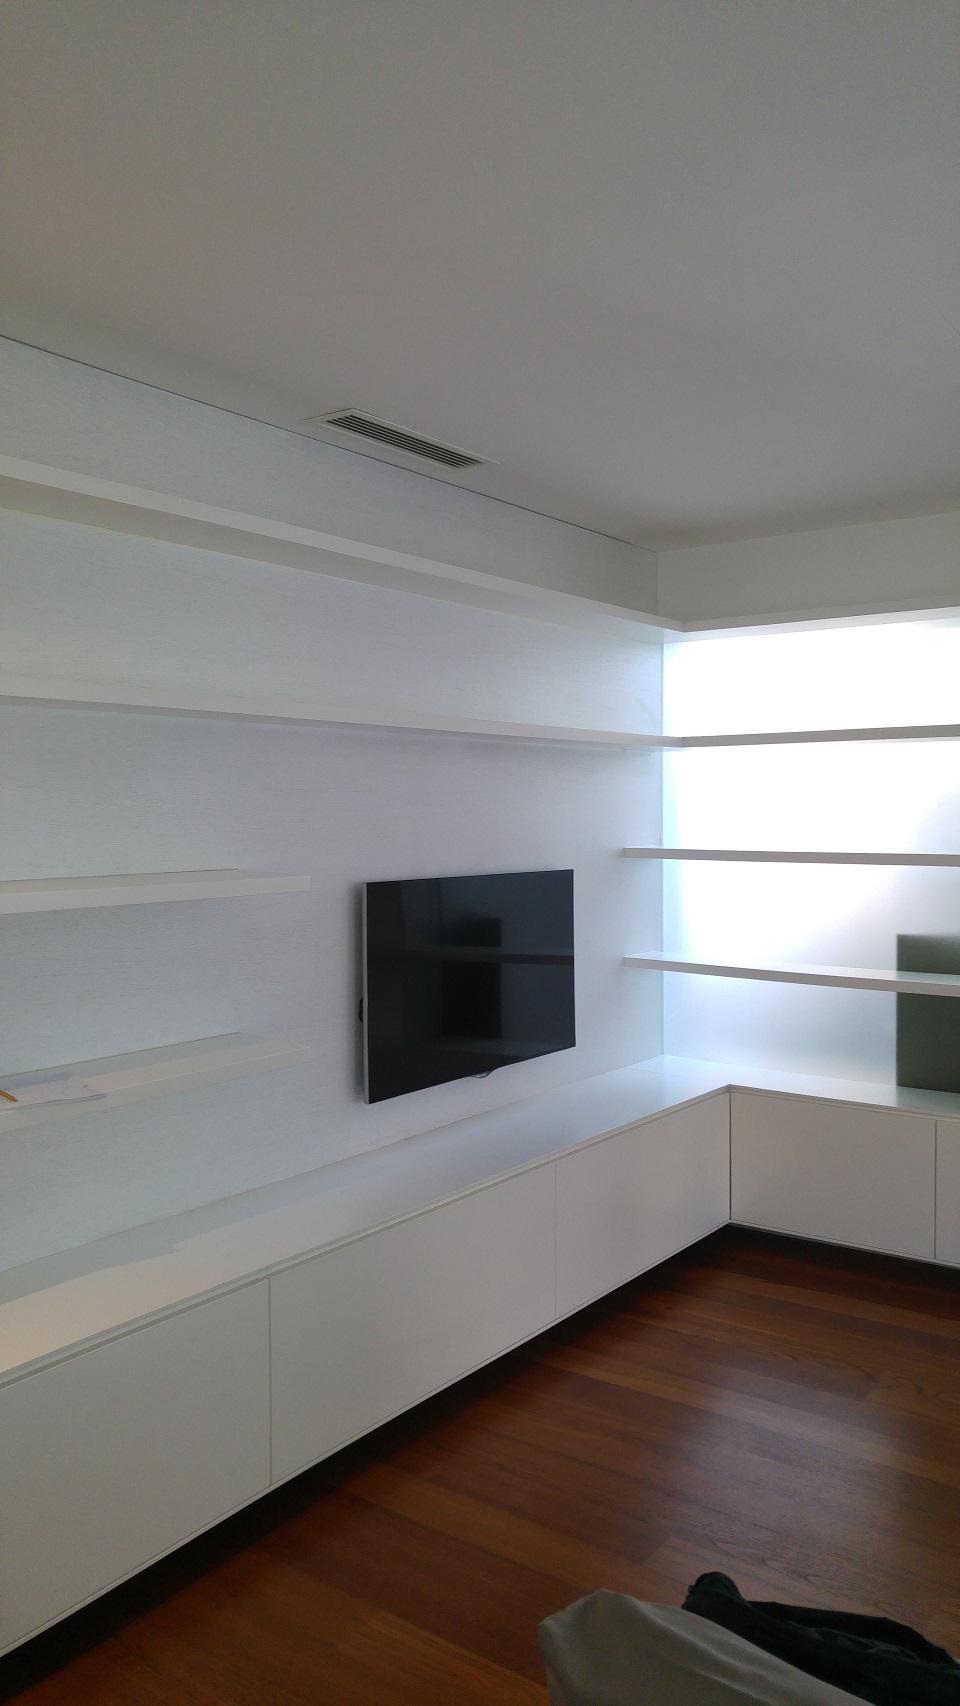 librerie-libreriaContinua (2)